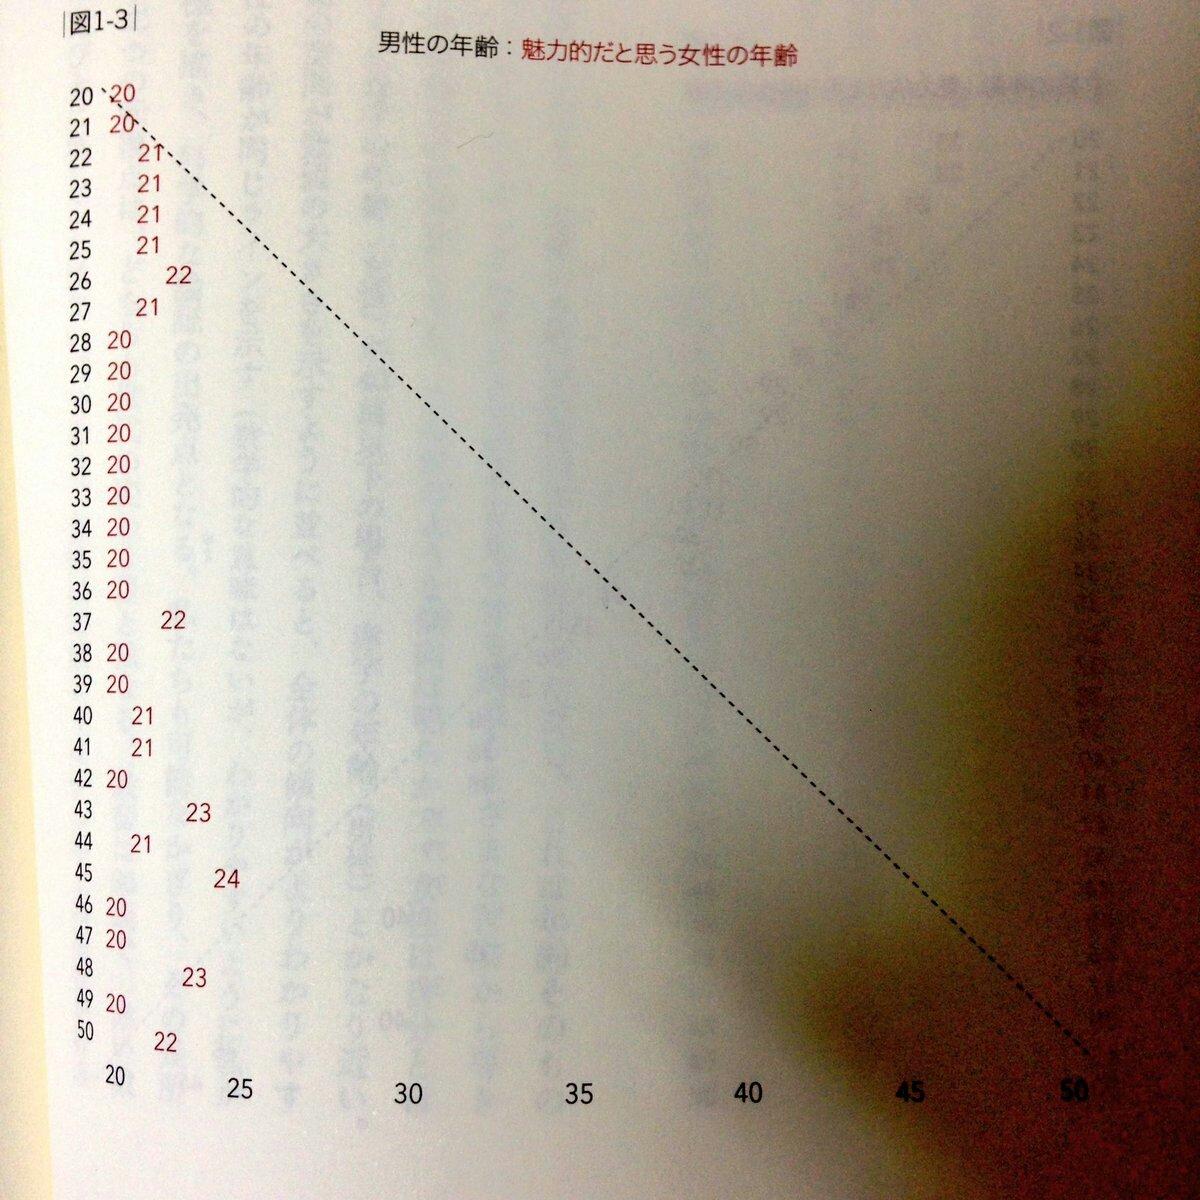 """【話題】女性よりもアニメを選んだ男が46歳で迎えた""""婚活"""" その結果★7 [無断転載禁止]©2ch.netYouTube動画>8本 ->画像>27枚"""